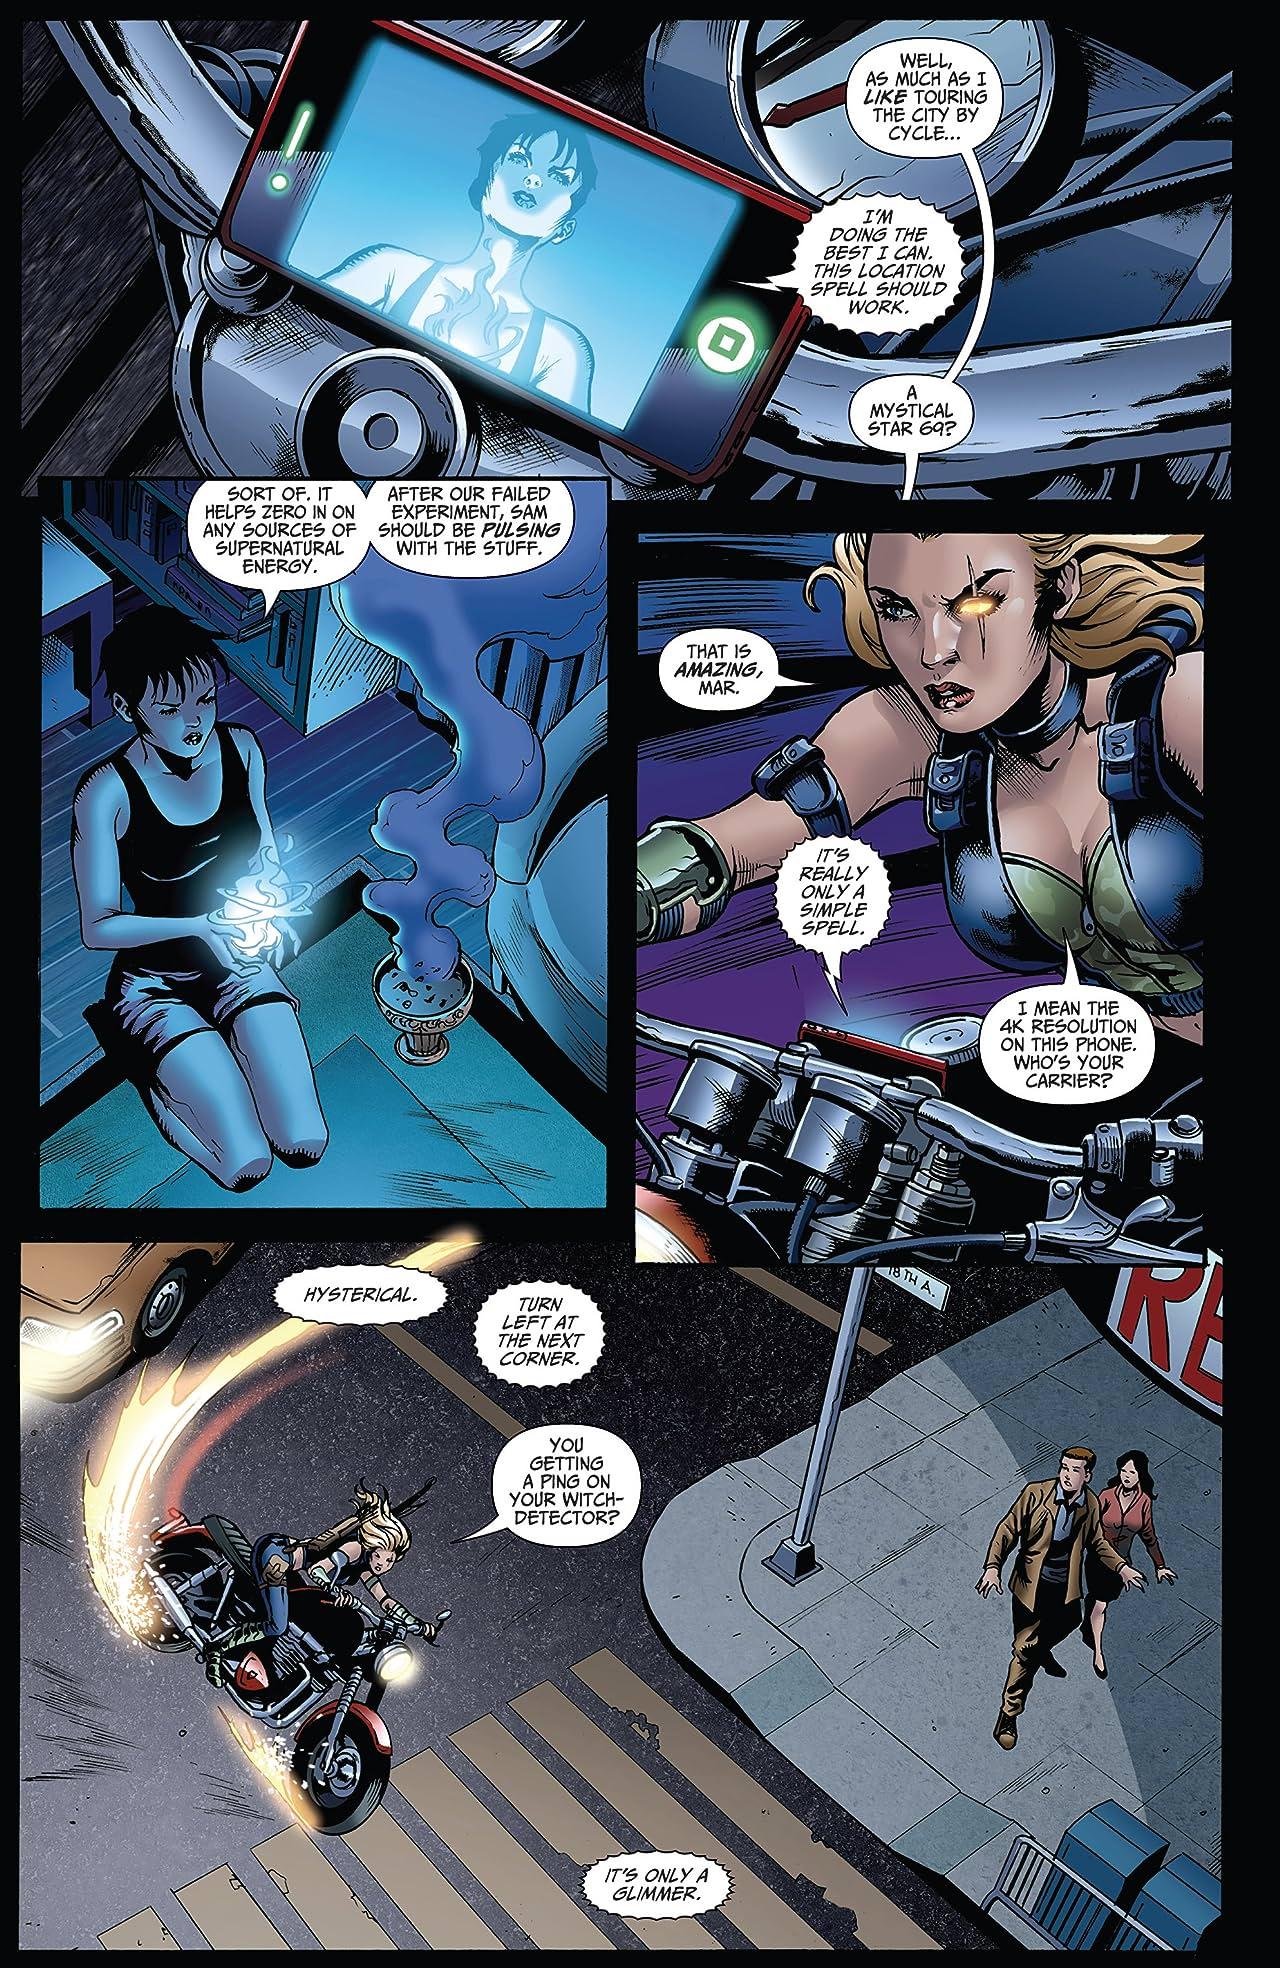 Robyn Hood: The Curse #2